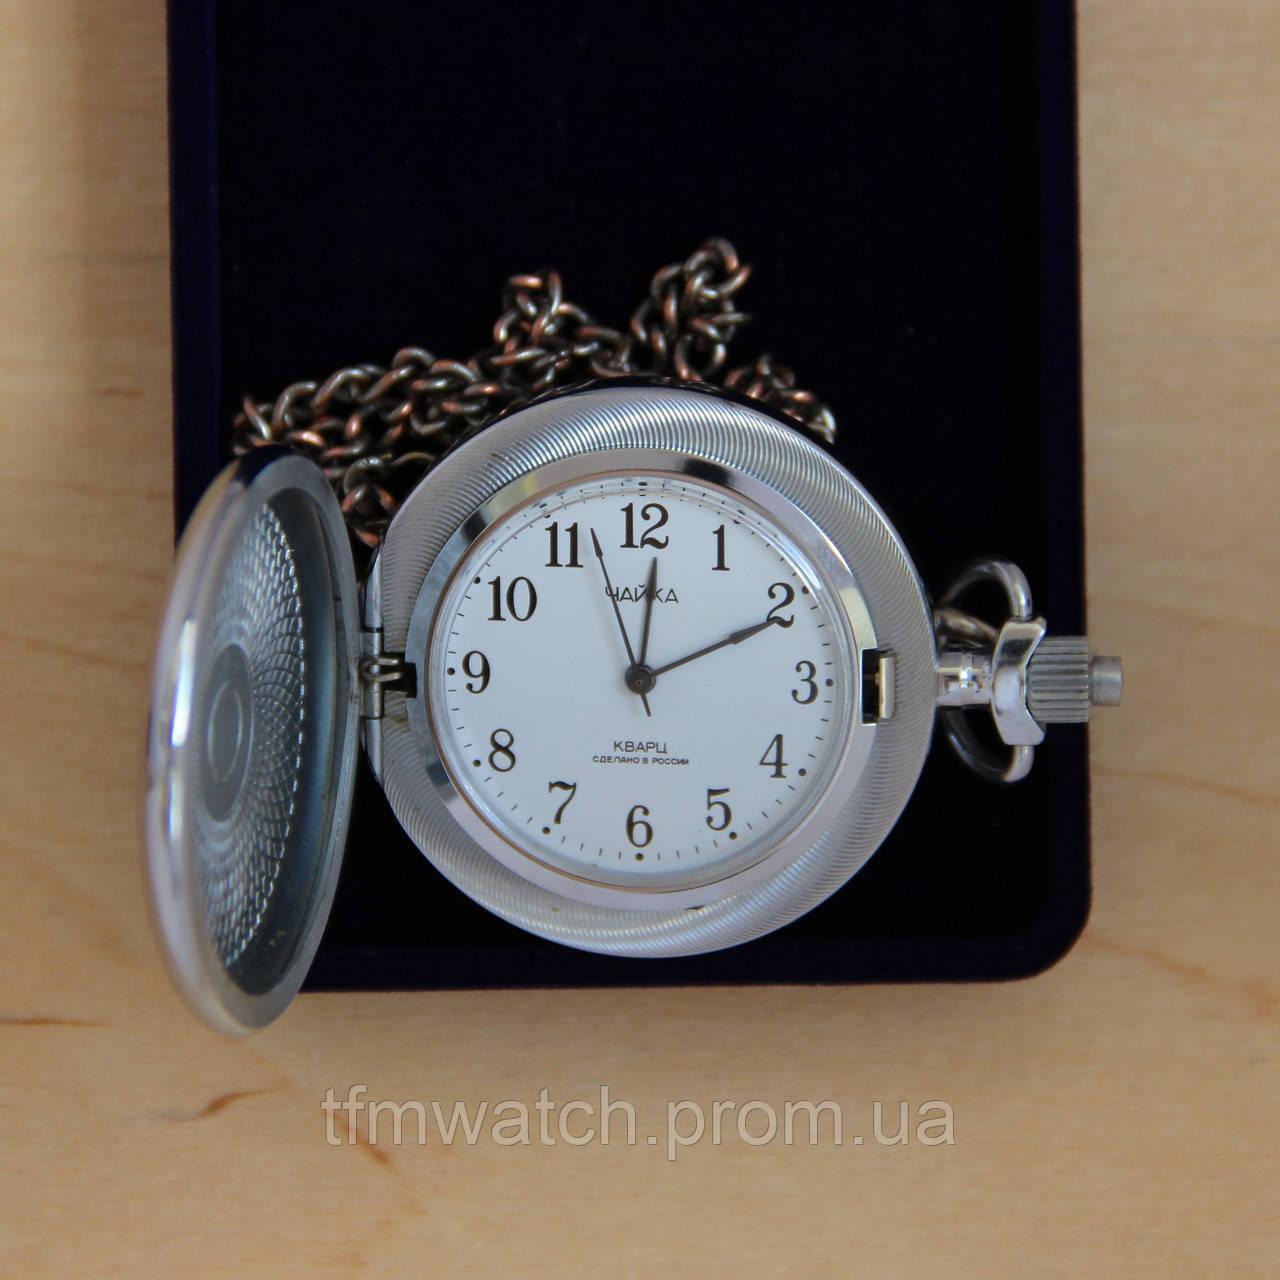 Часы чайка продать карманные приморский скупка район часов